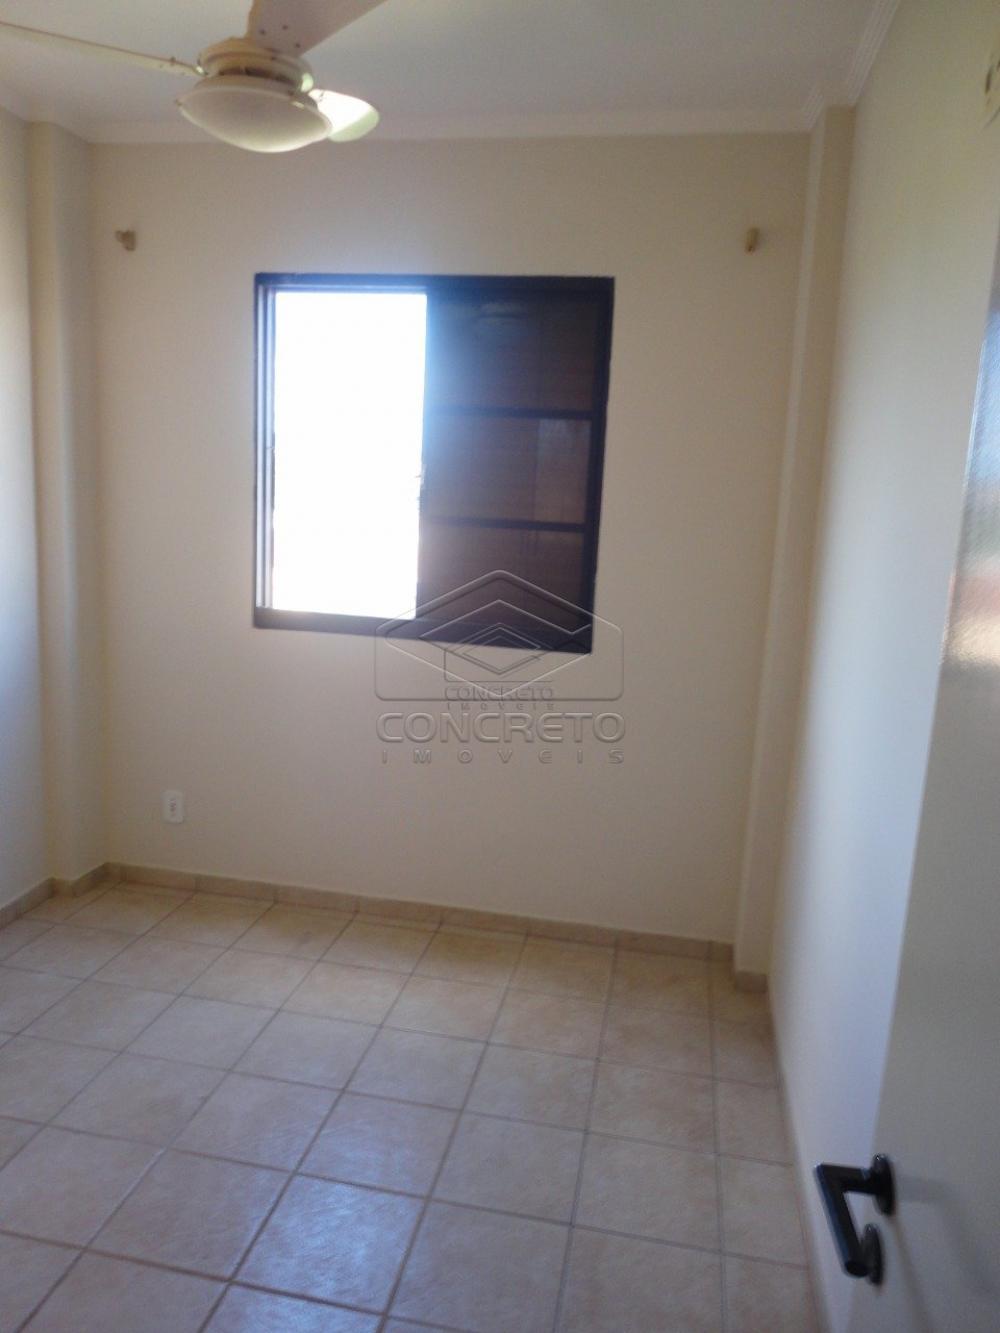 Alugar Apartamento / Padrão em Bauru R$ 600,00 - Foto 3